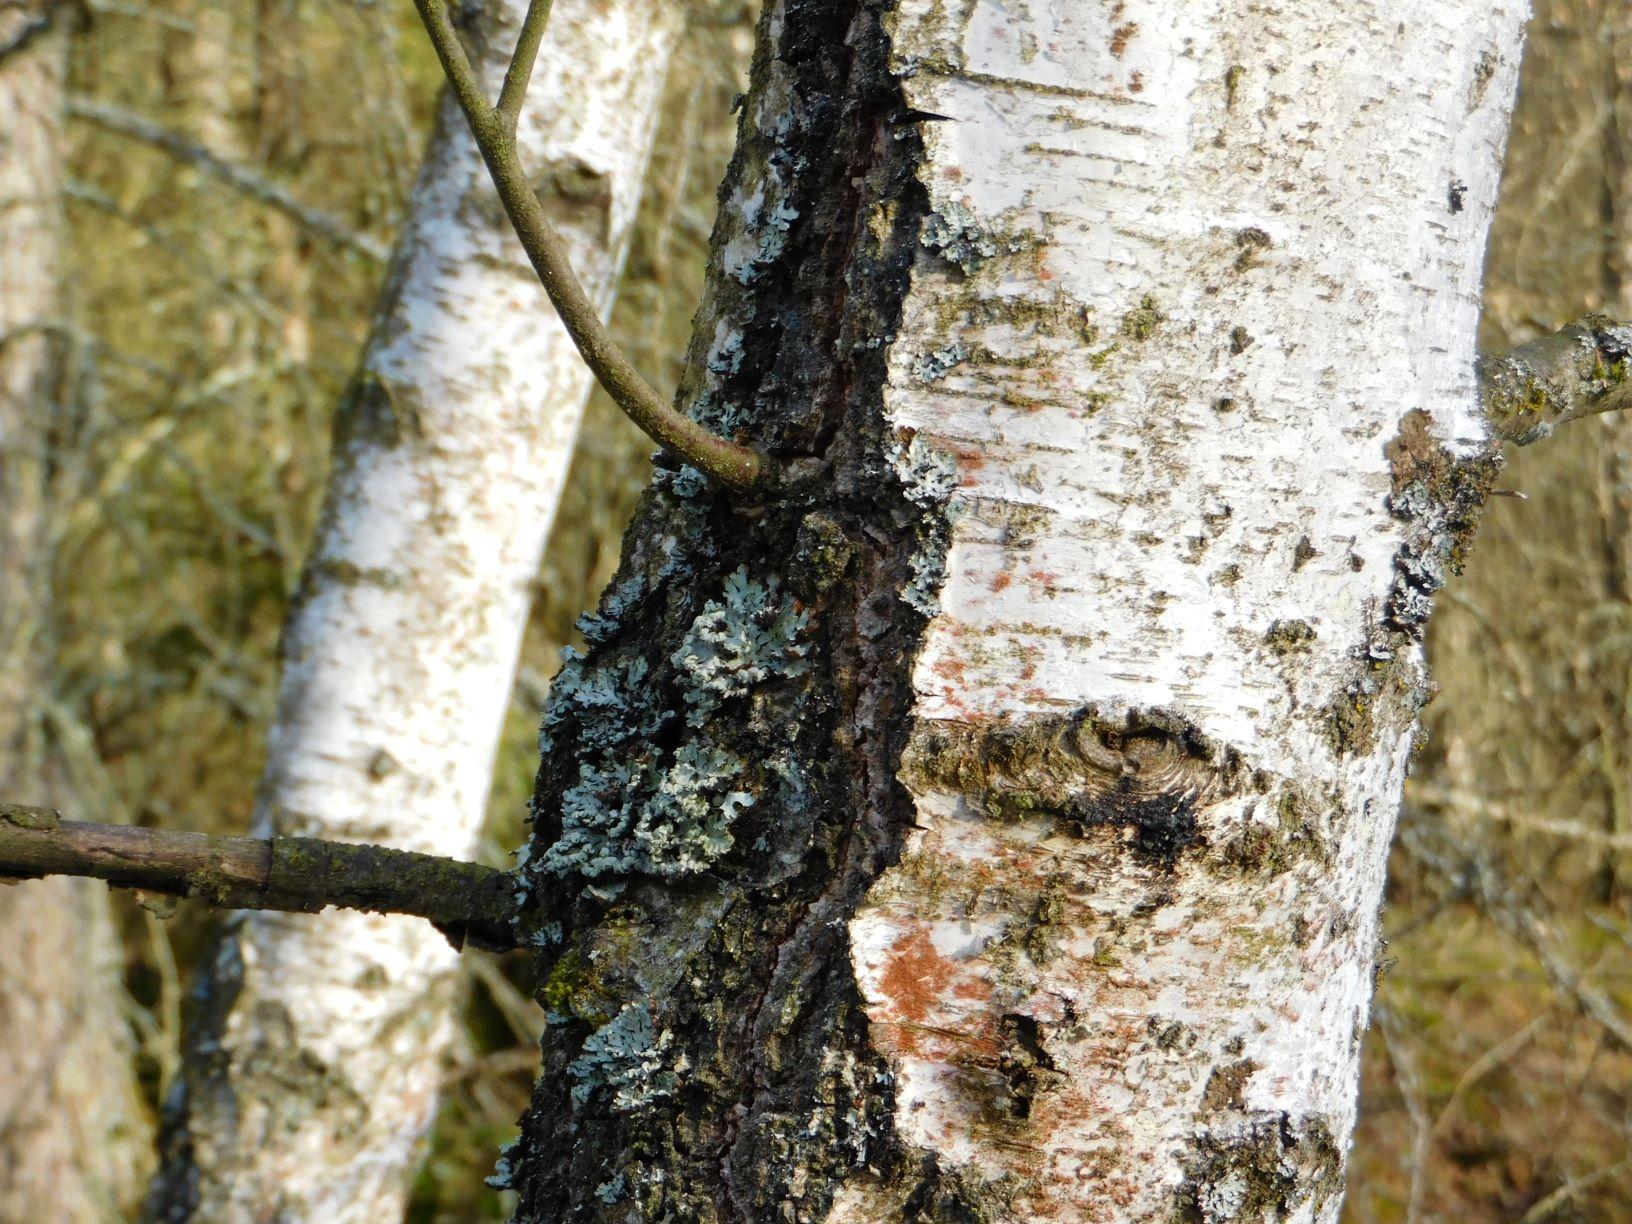 """Die Birke – eine unterschätzte """"Schlüsselbaumart"""" für den ökologischen Waldumbau"""